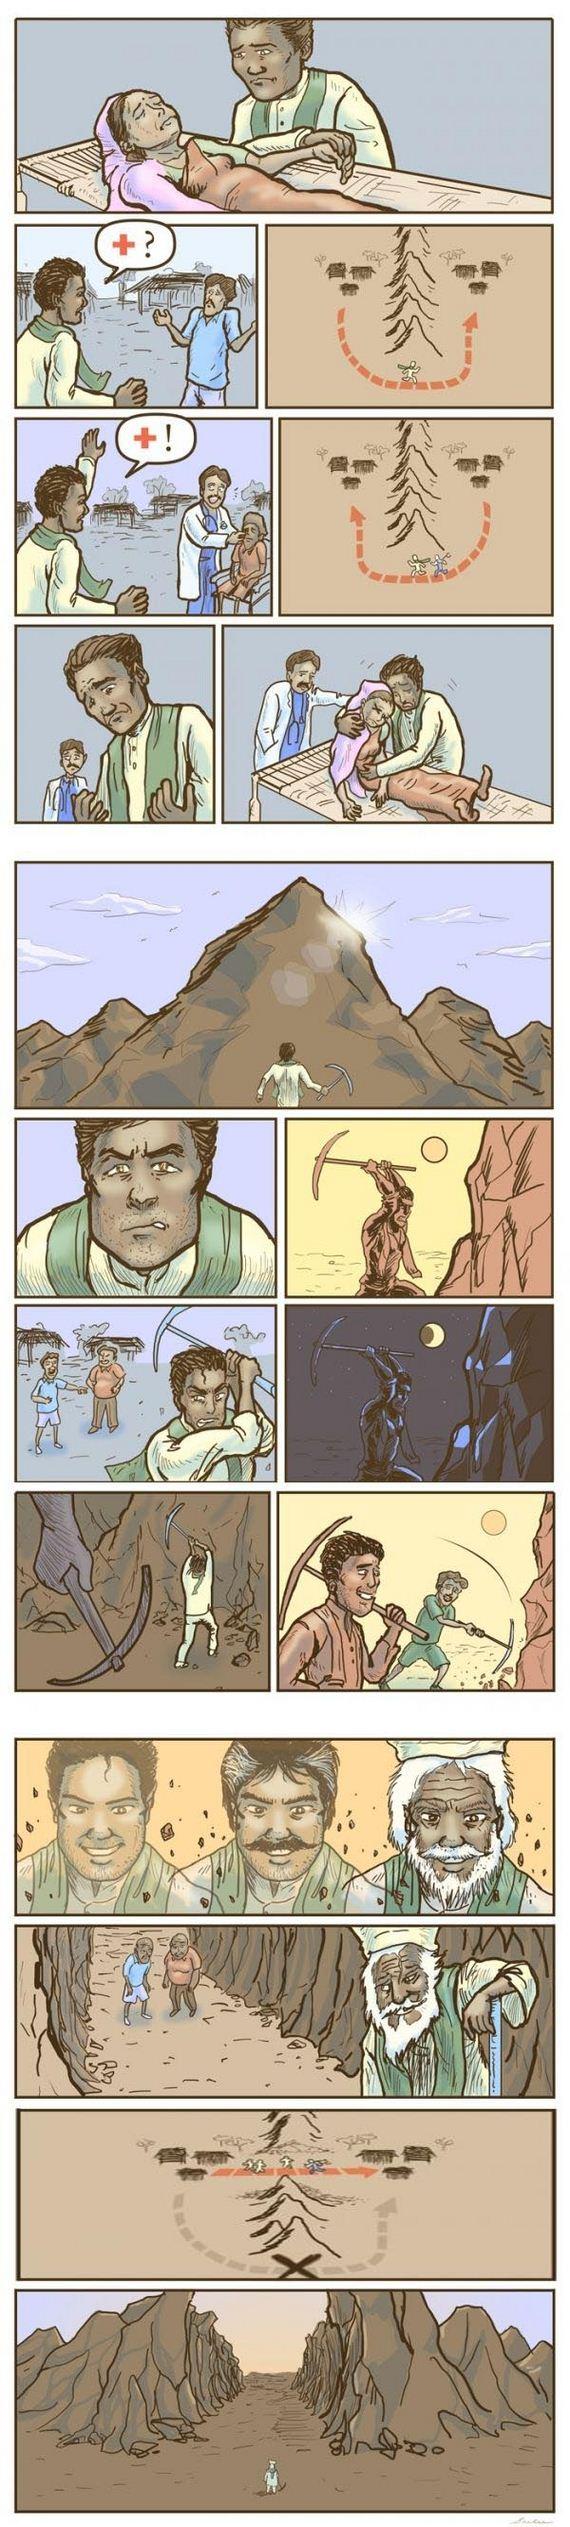 mountain_man